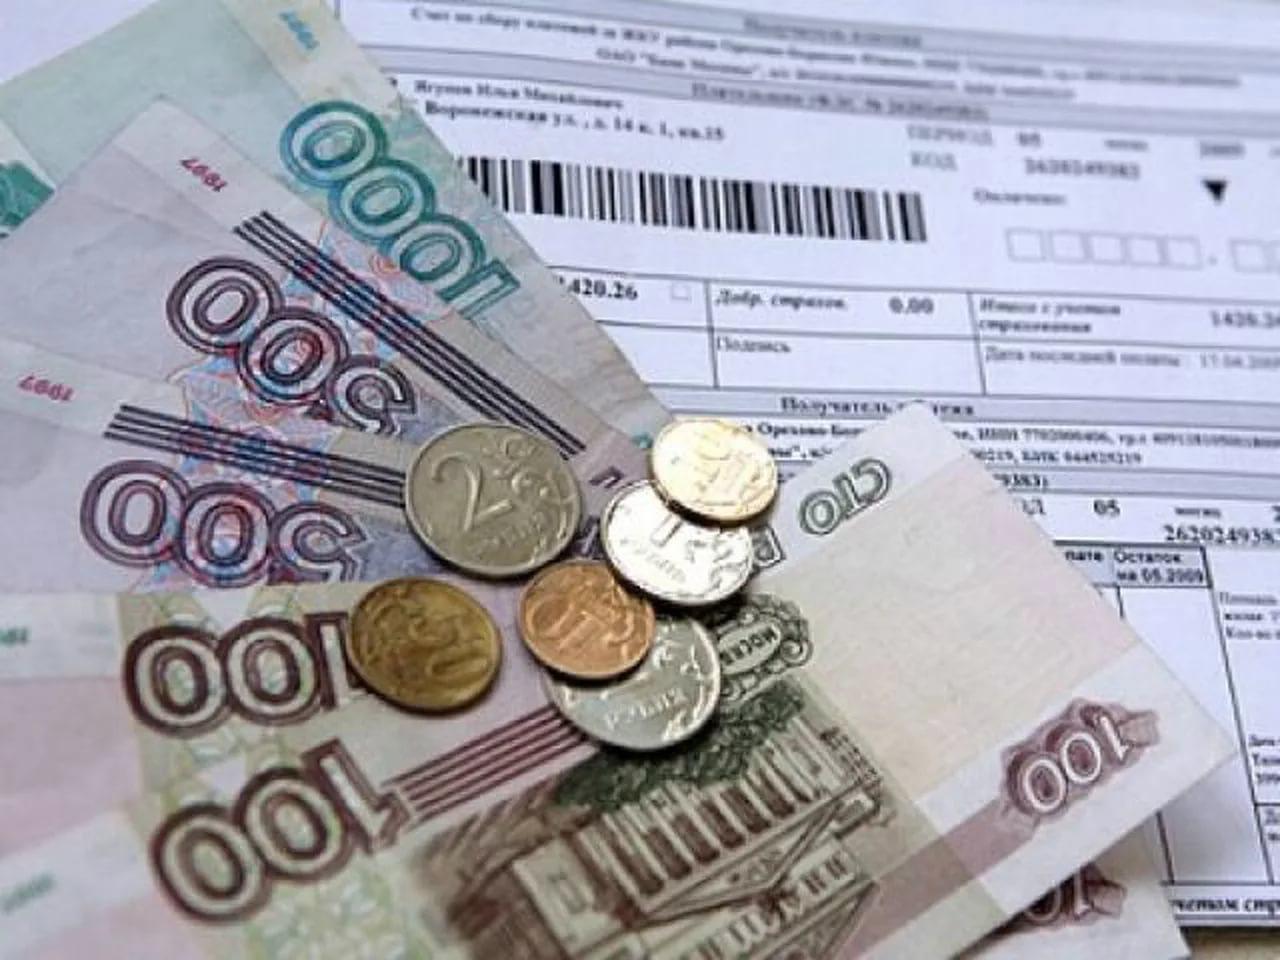 Должникам за услуги ЖКХ в Княжпогостском районе предлагают погасить долги добровольно